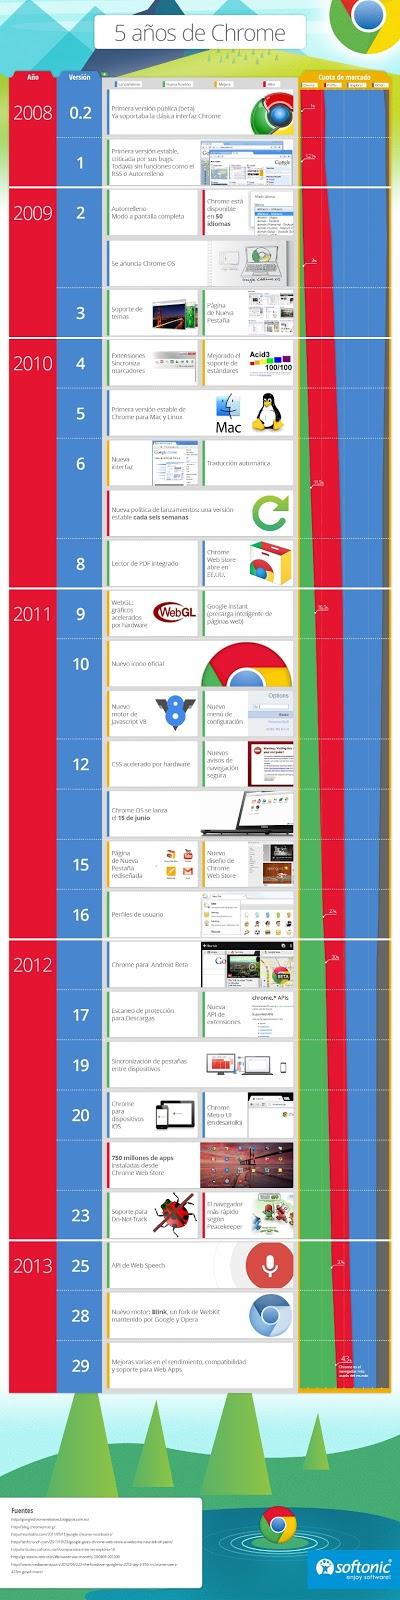 Infografía los primeros 5 años de Google Chrome